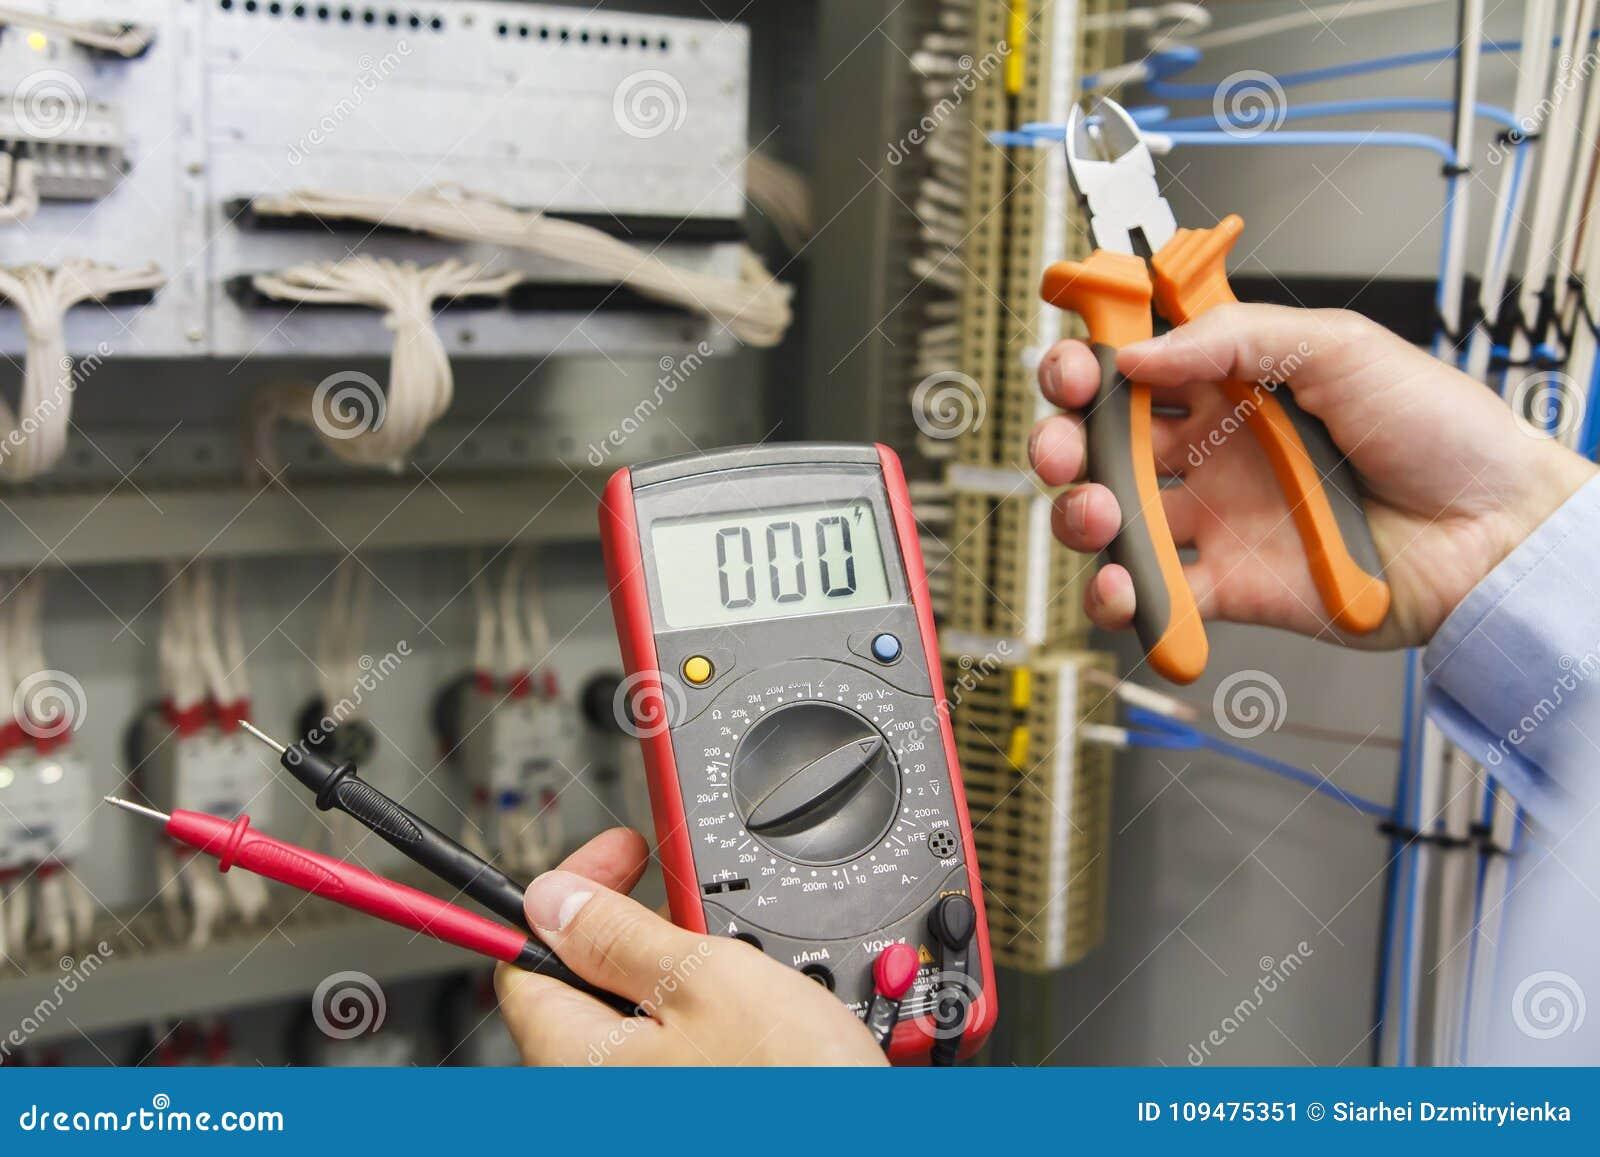 Appareil de contrôle et coupe-fil dans des mains d électricien contre le panneau de commande électrique de l équipement d automat